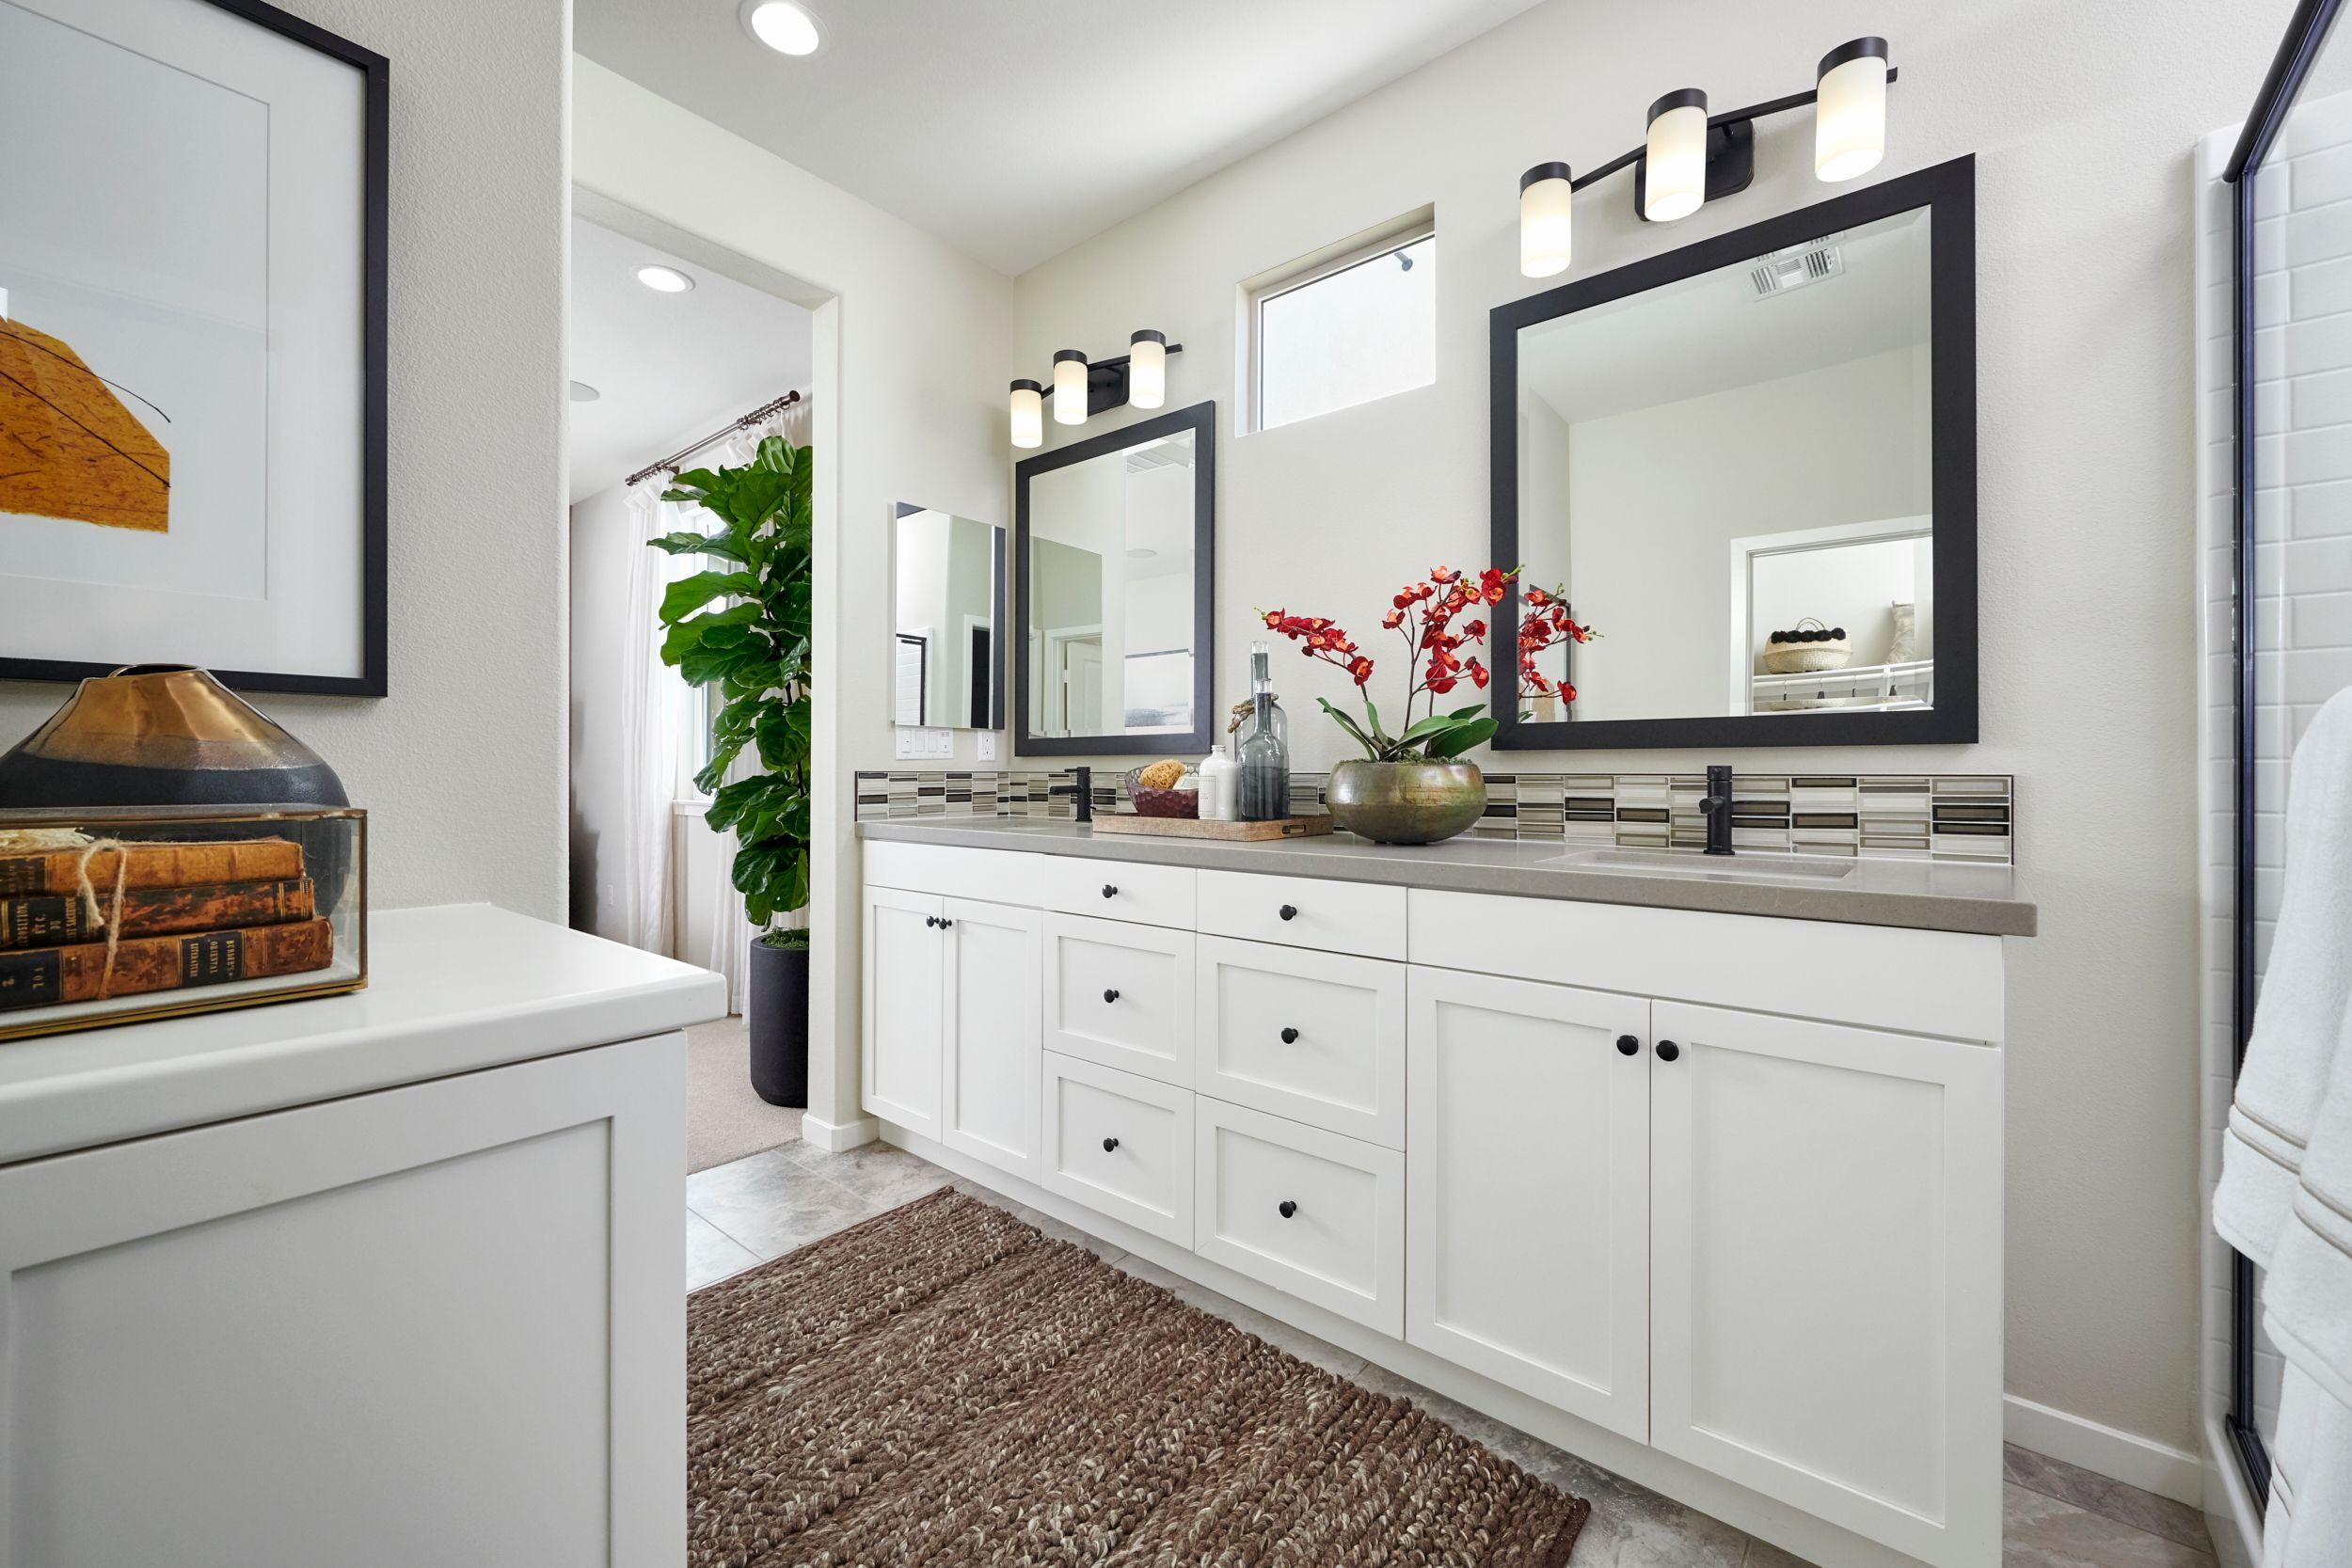 Bathroom featured in the Residence 2  By Van Daele Homes in Riverside-San Bernardino, CA